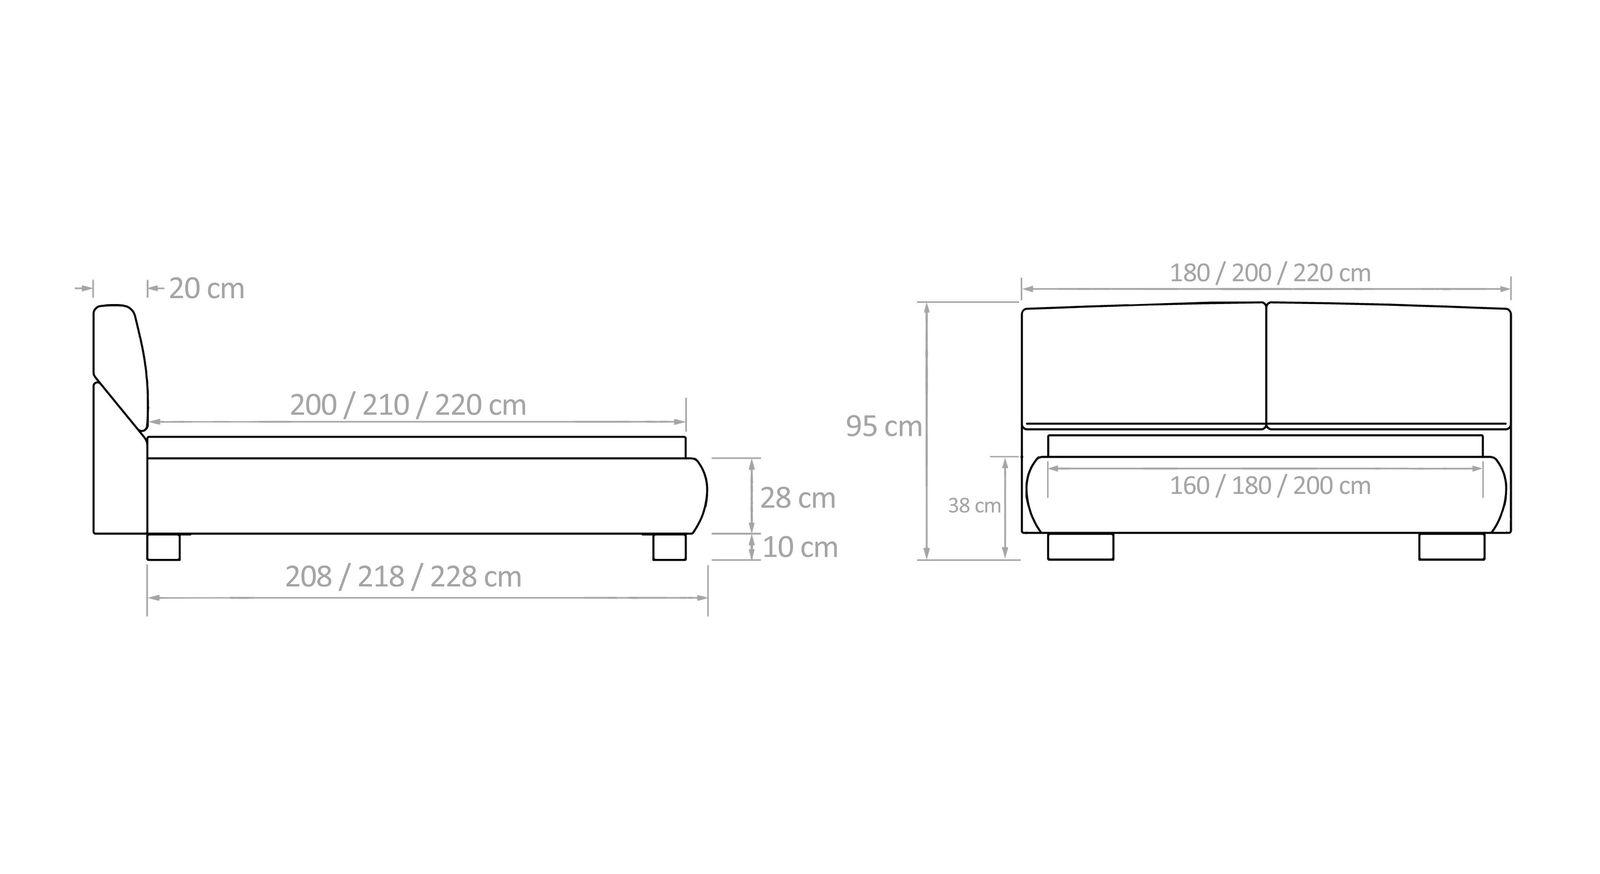 Maßskizze zu den Betten mit verstellbarem Kopfteil